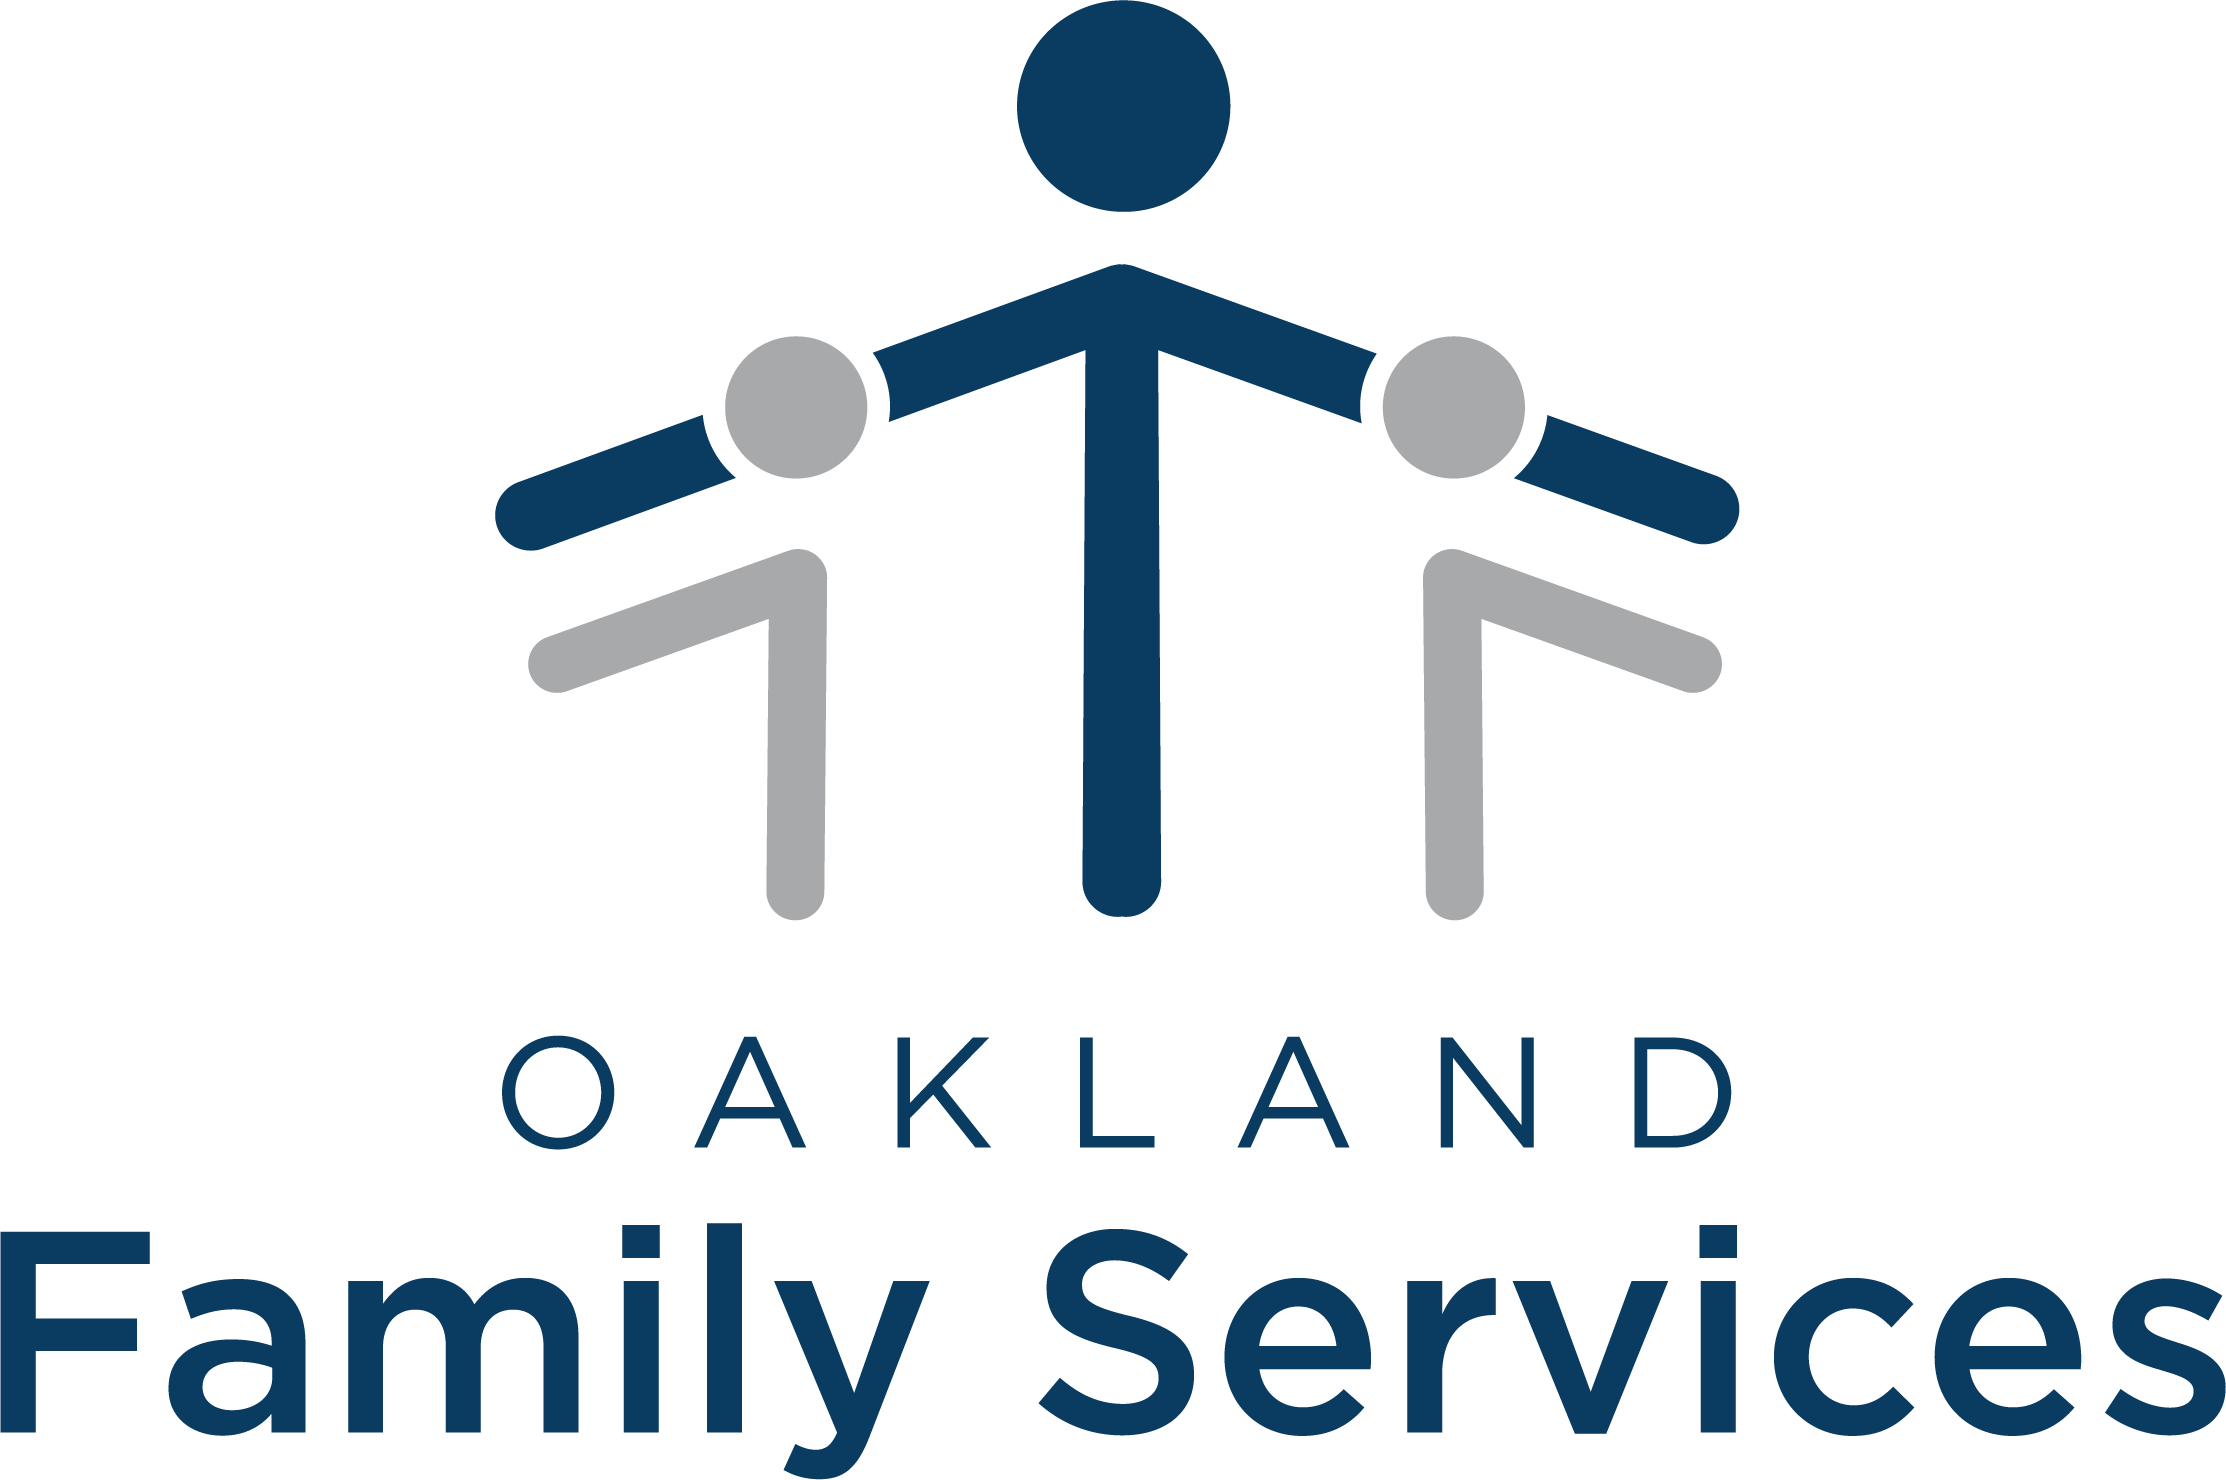 Oakland Family Services logo